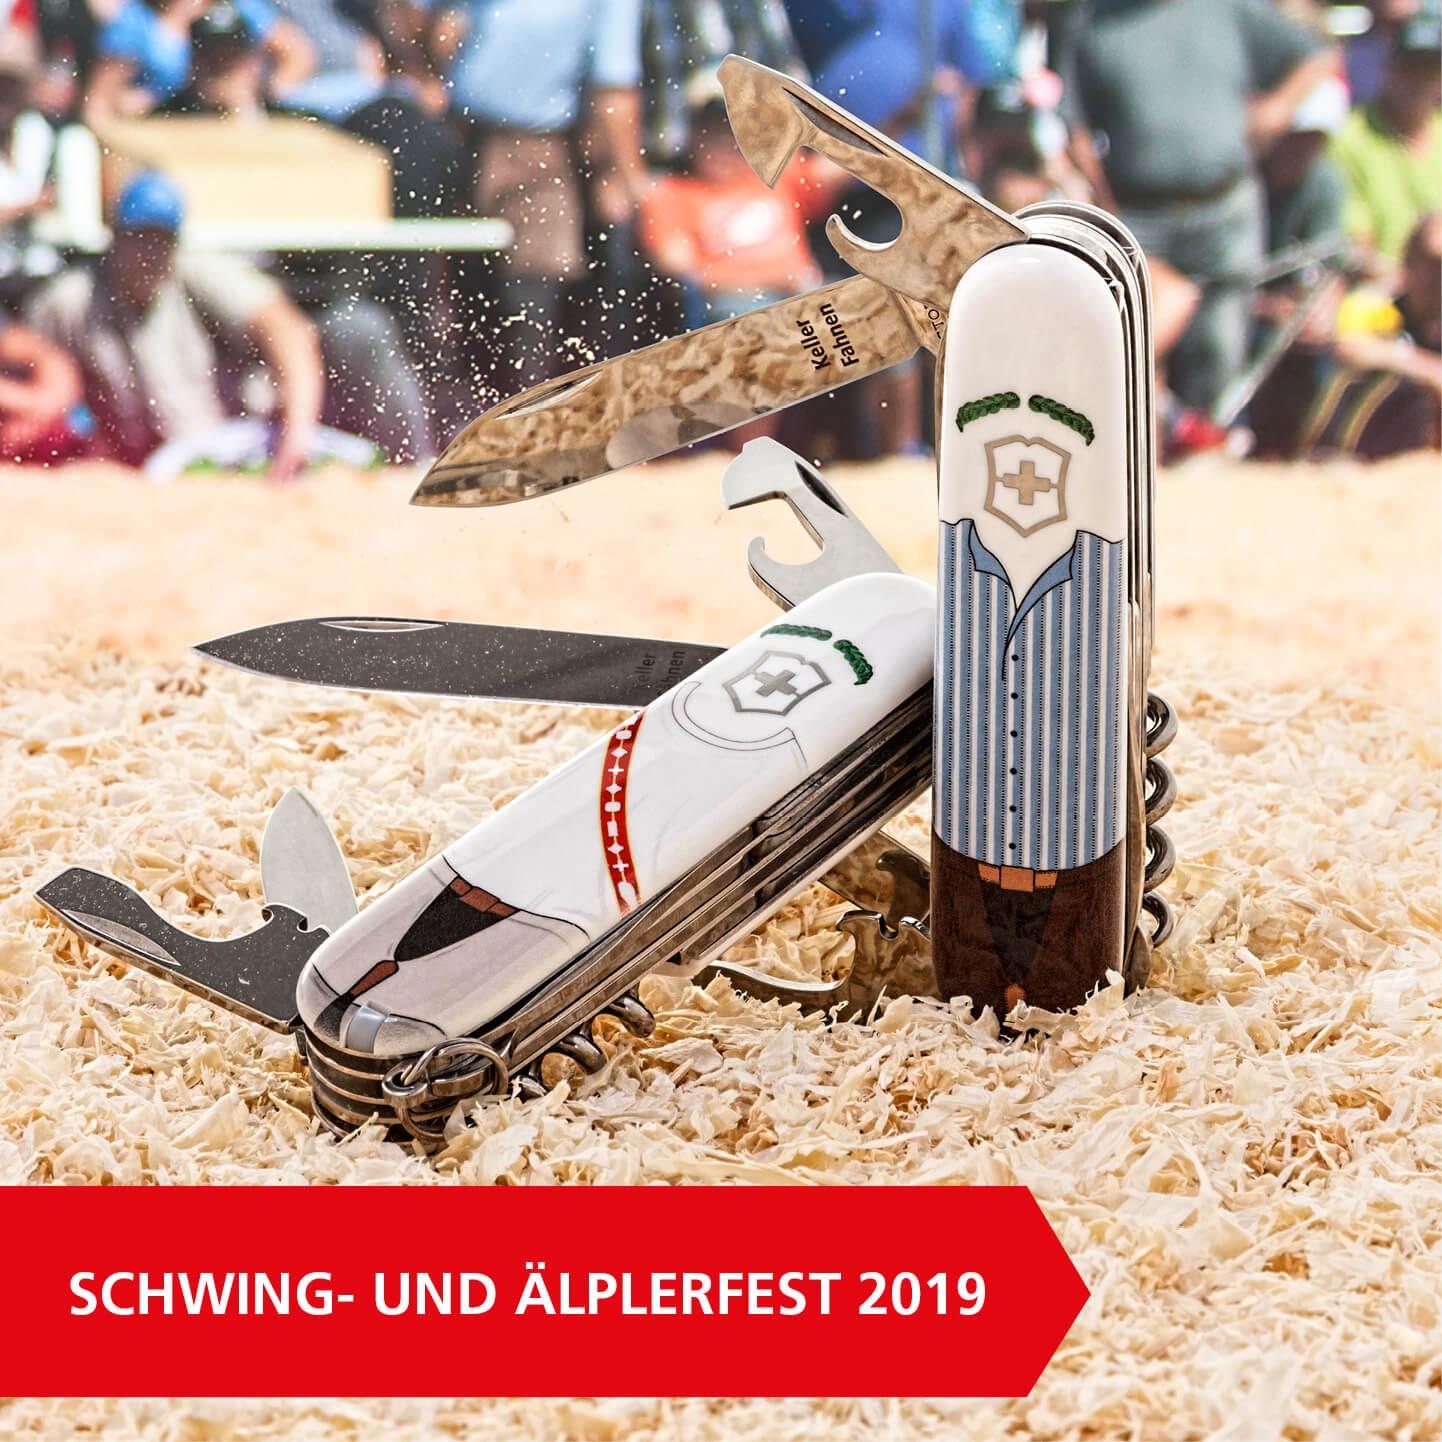 Perfekt ausgerüstet zum Schwing- und Älplerfest 2019